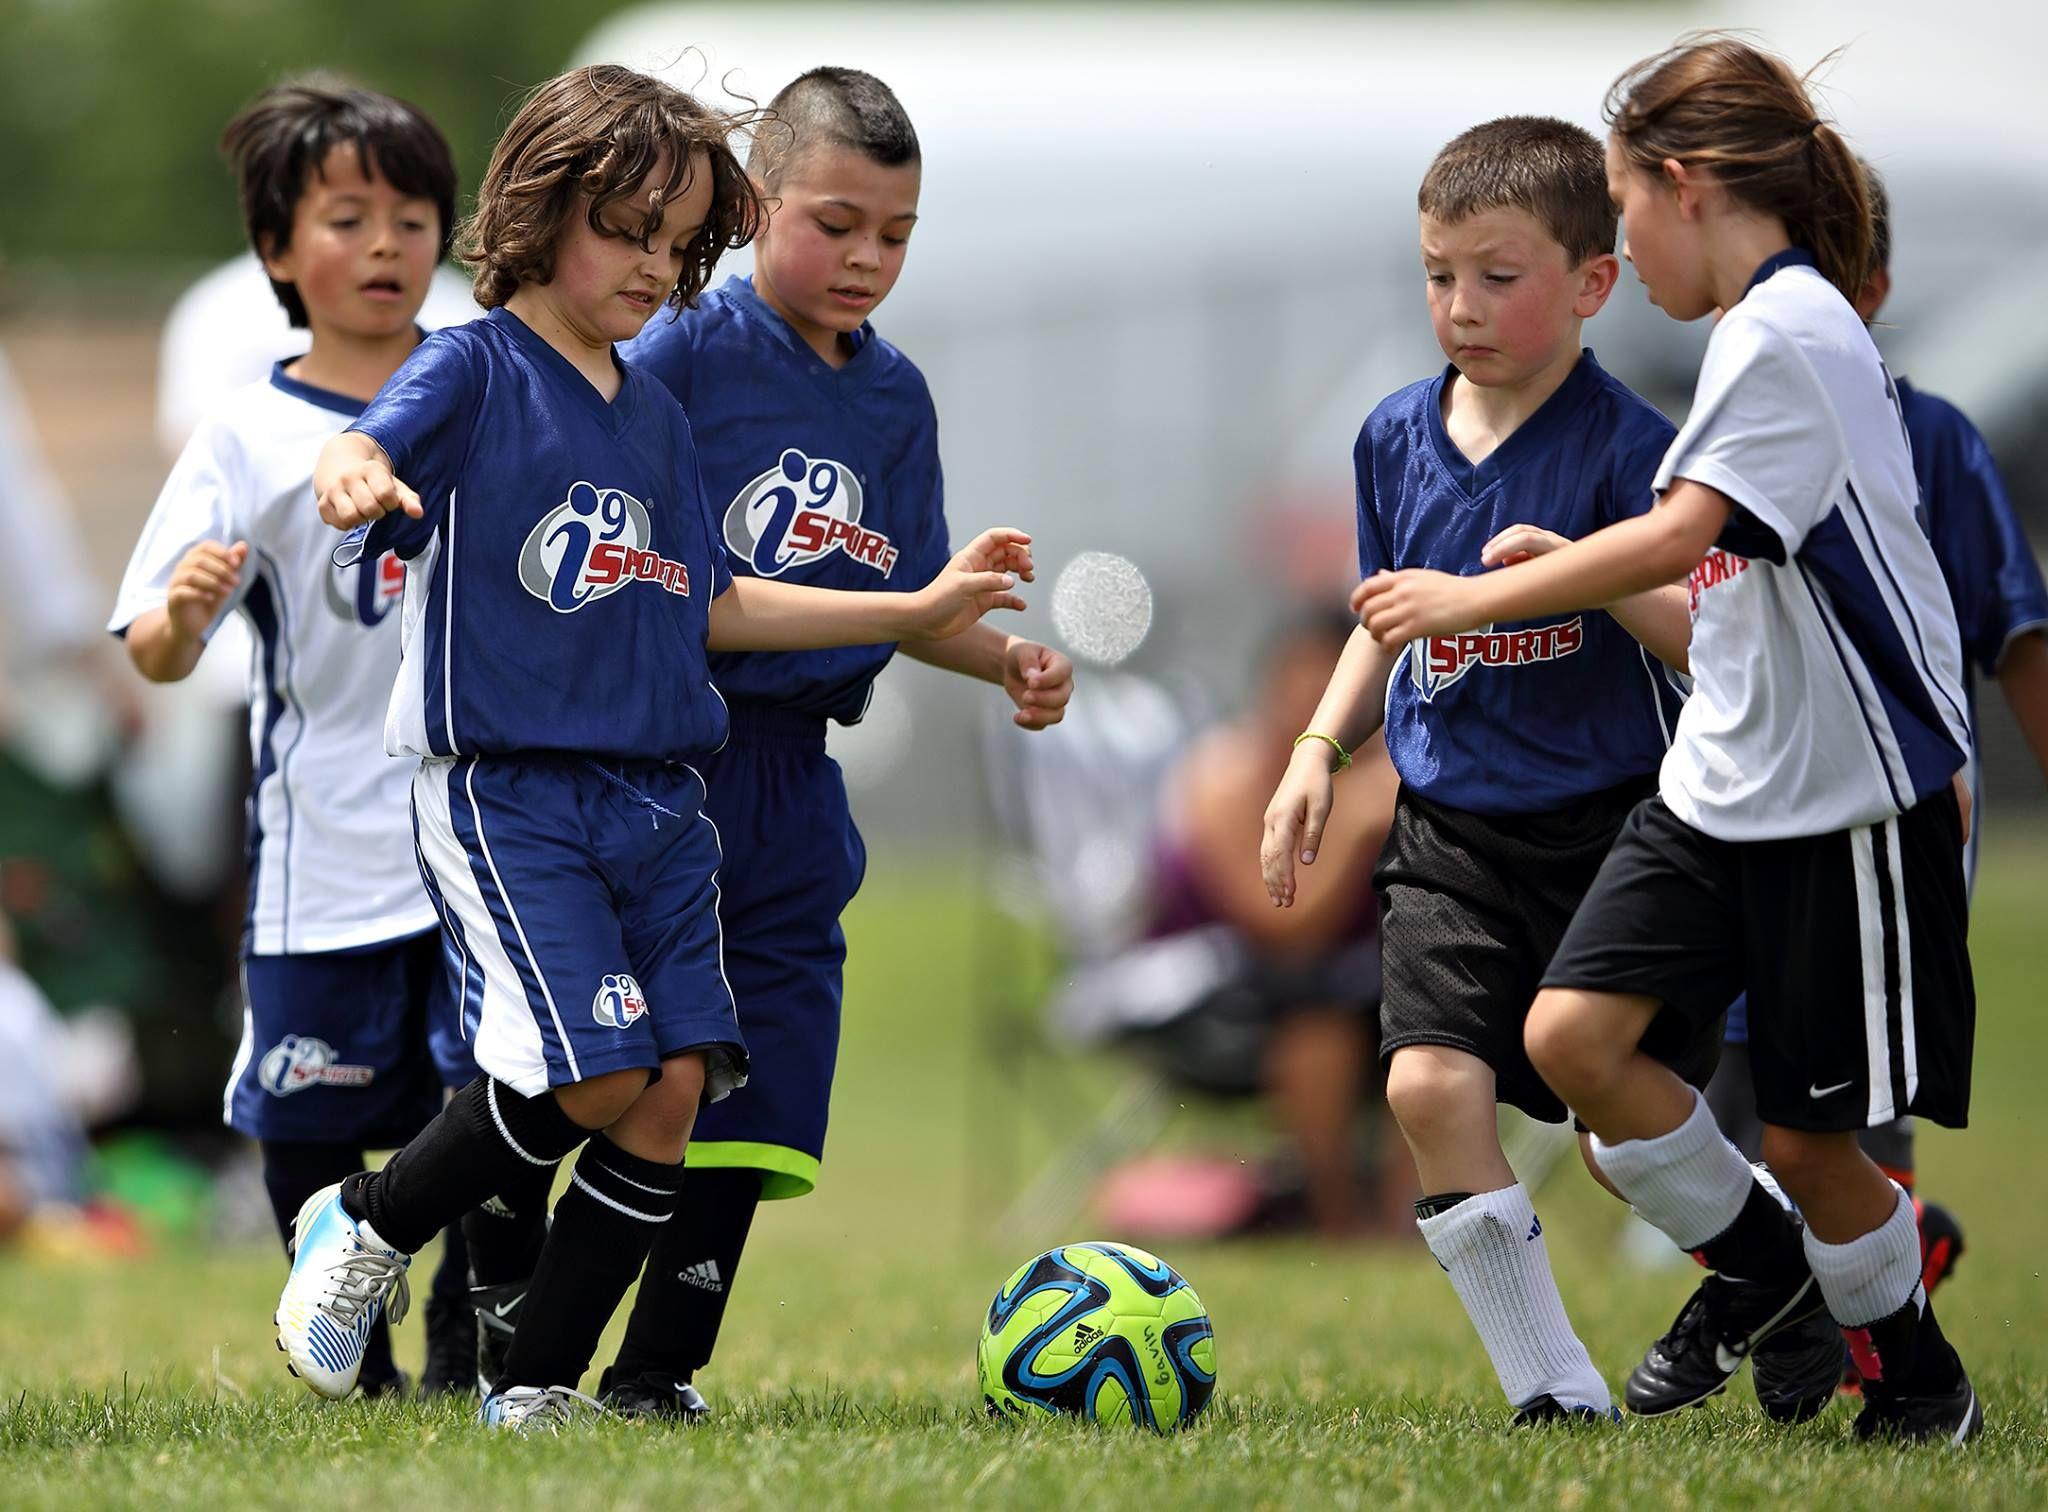 Https Www I9sports Com Soccer Soccer Kids Soccer Sports